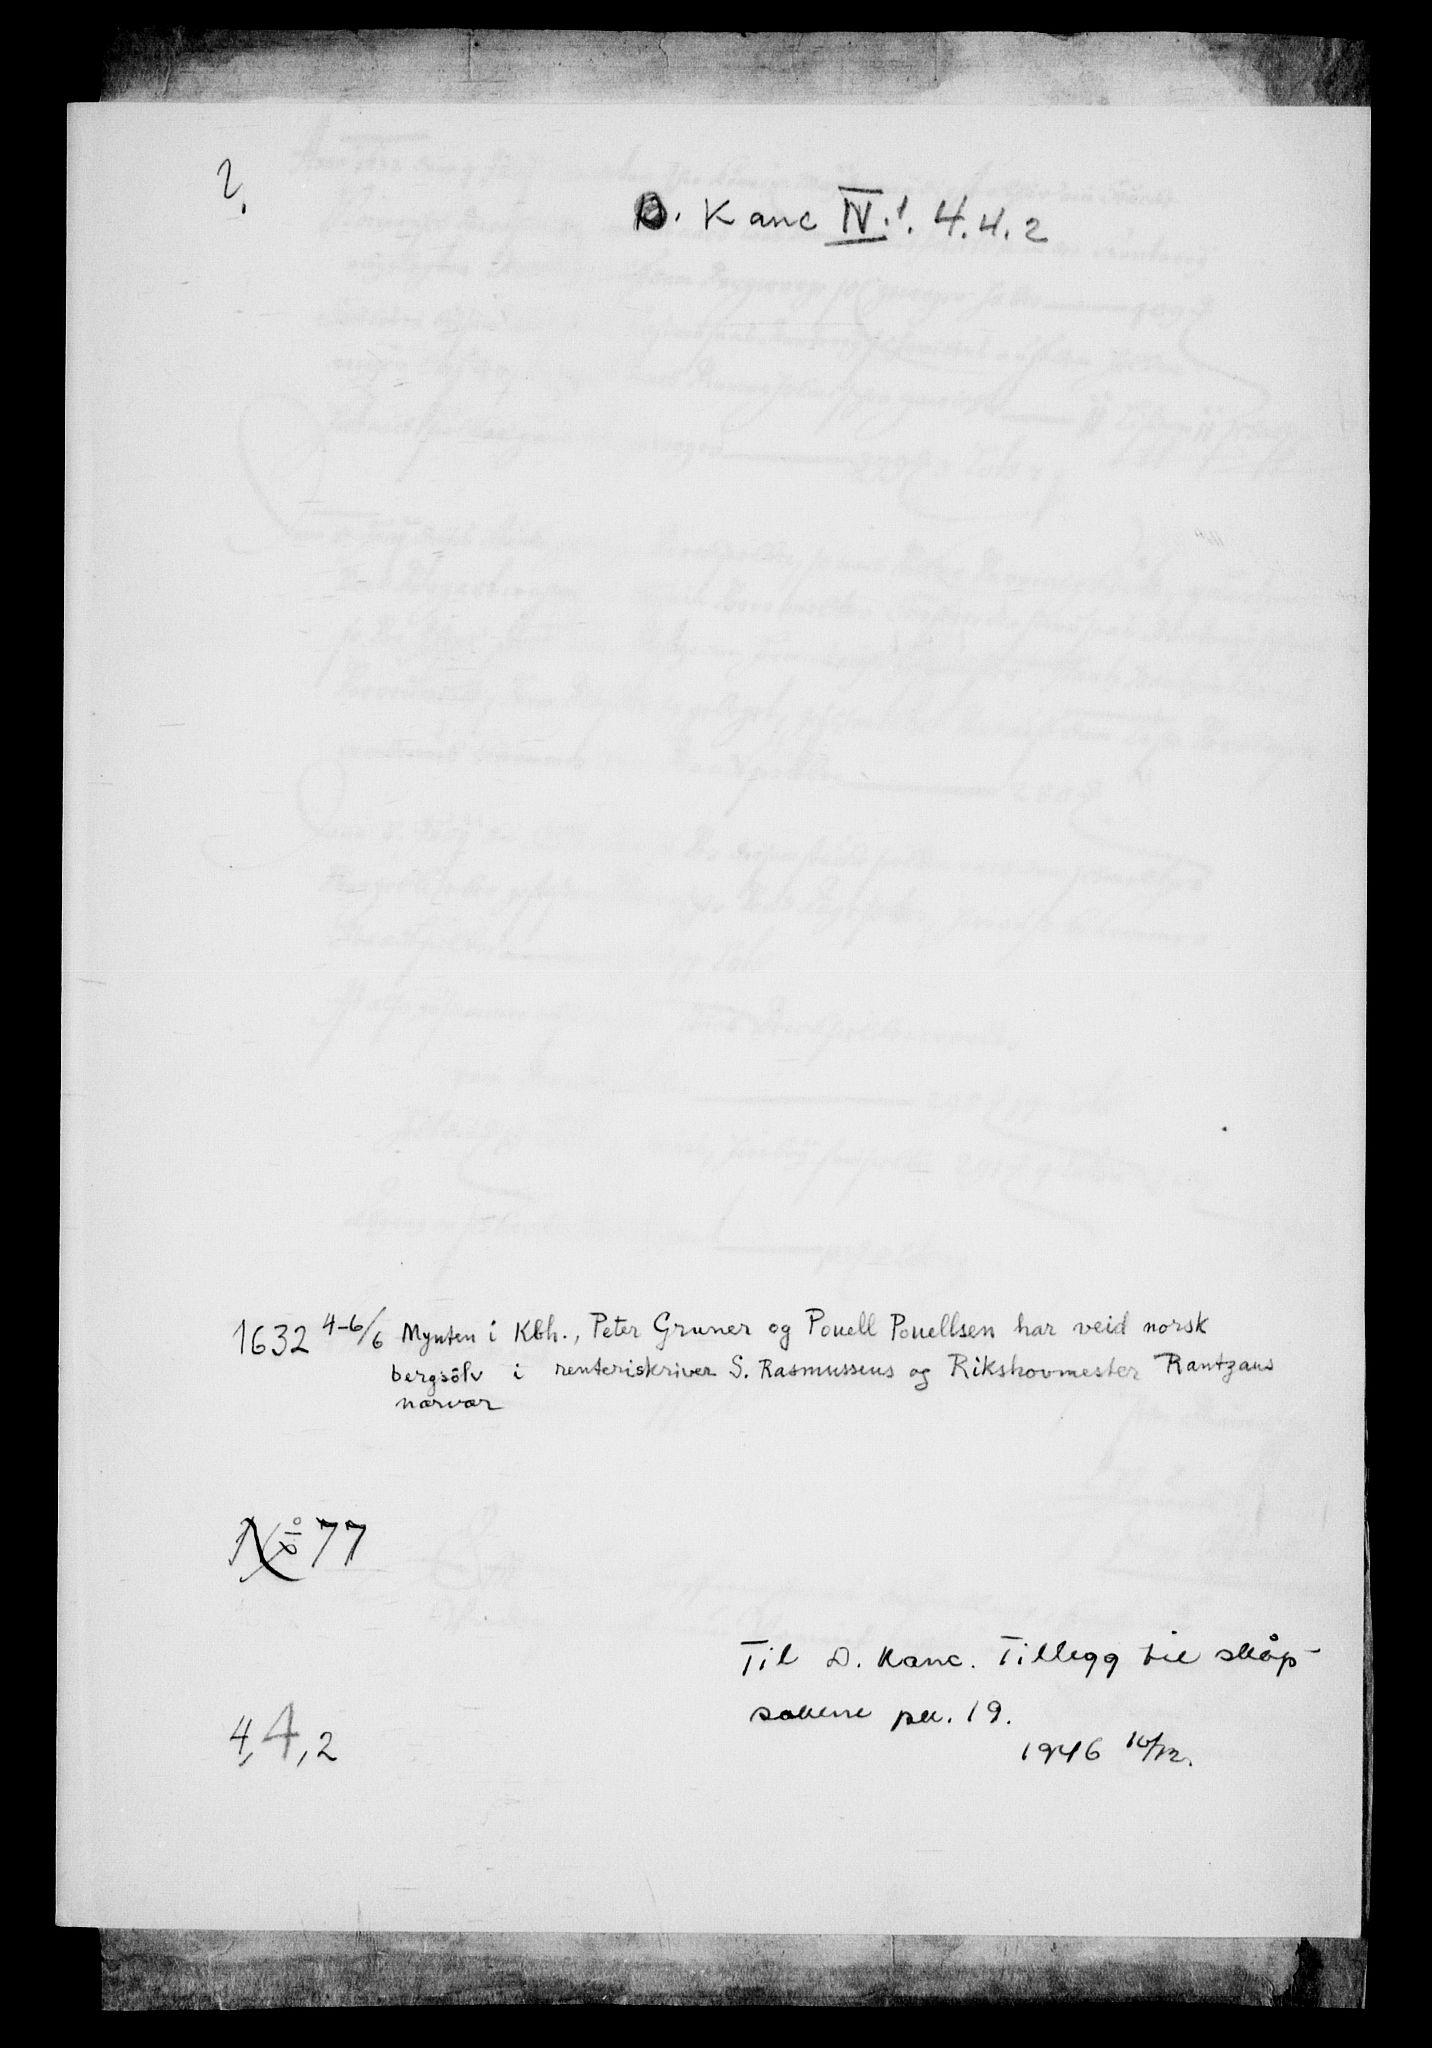 RA, Danske Kanselli, Skapsaker, G/L0019: Tillegg til skapsakene, 1616-1753, s. 66